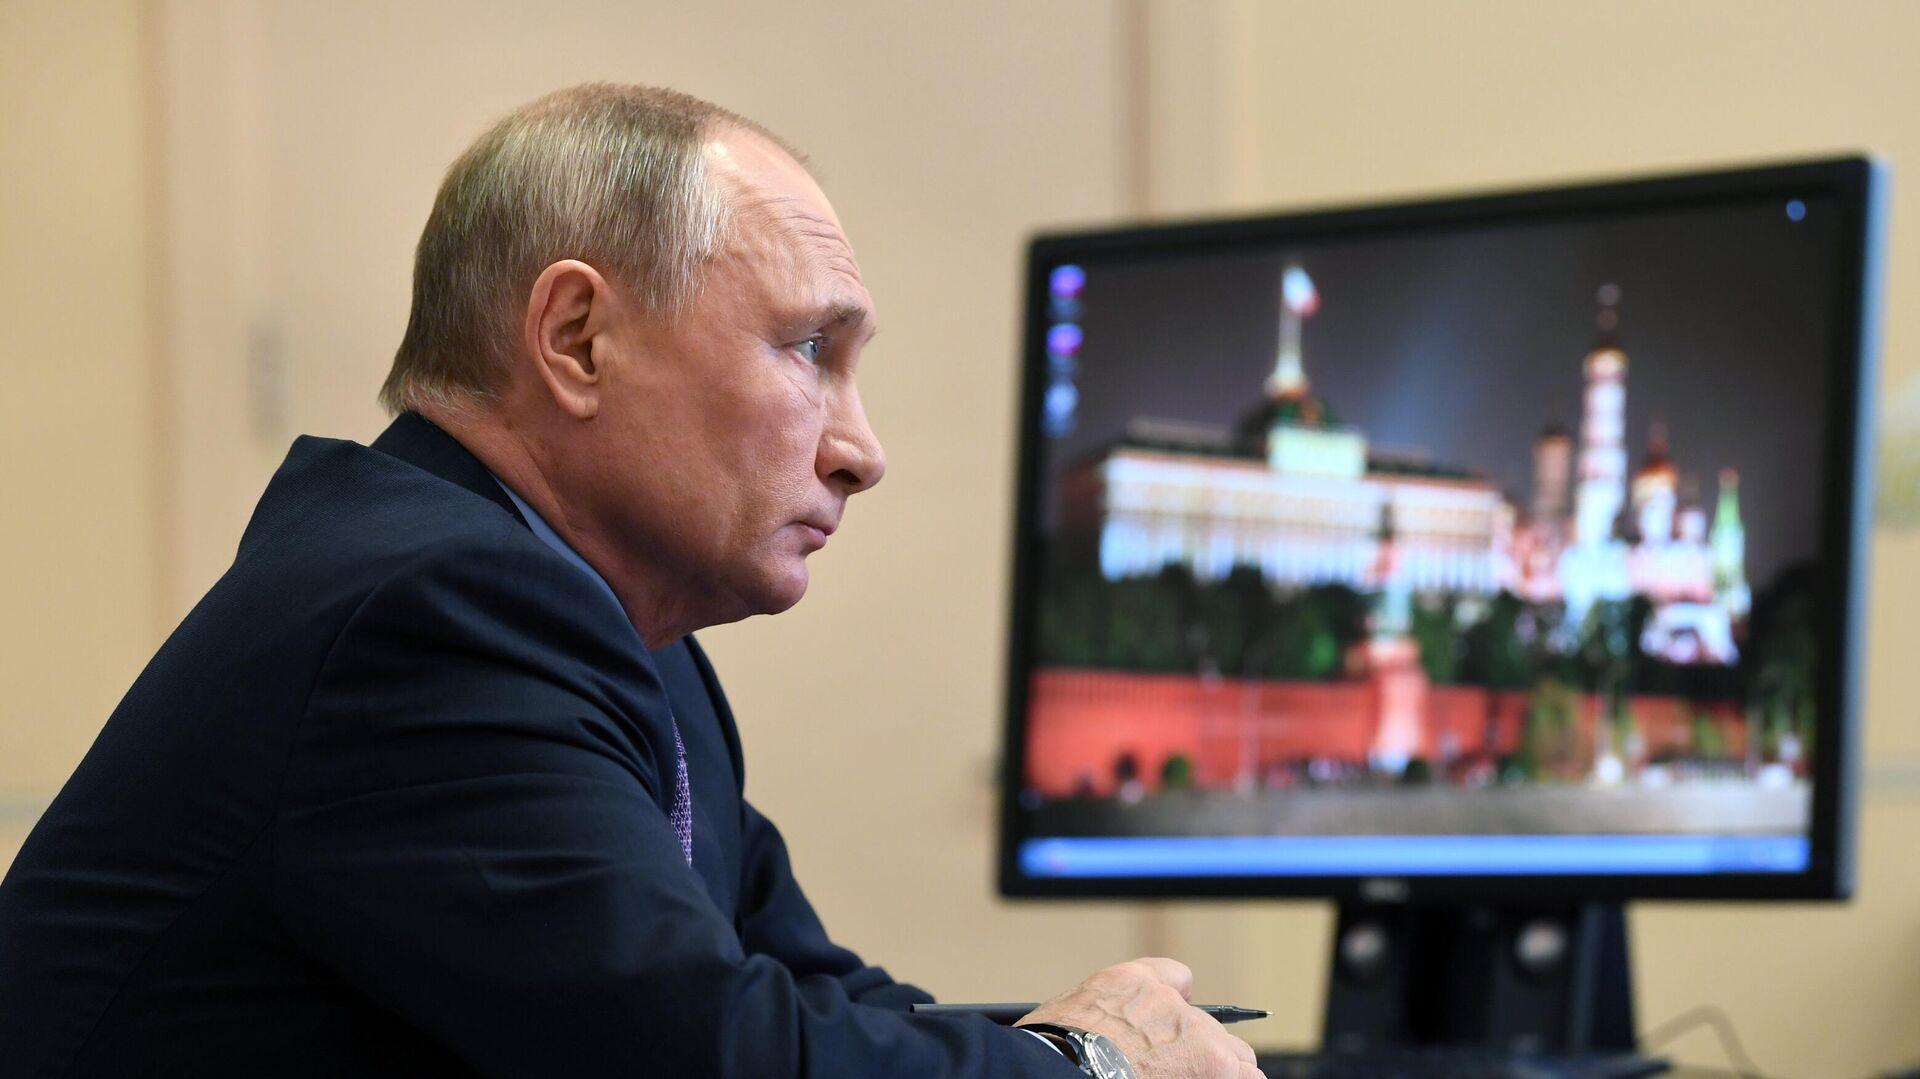 Владимир Путин проводит в режиме видеоконференции совещание с членами правительства РФ - РИА Новости, 1920, 09.12.2020